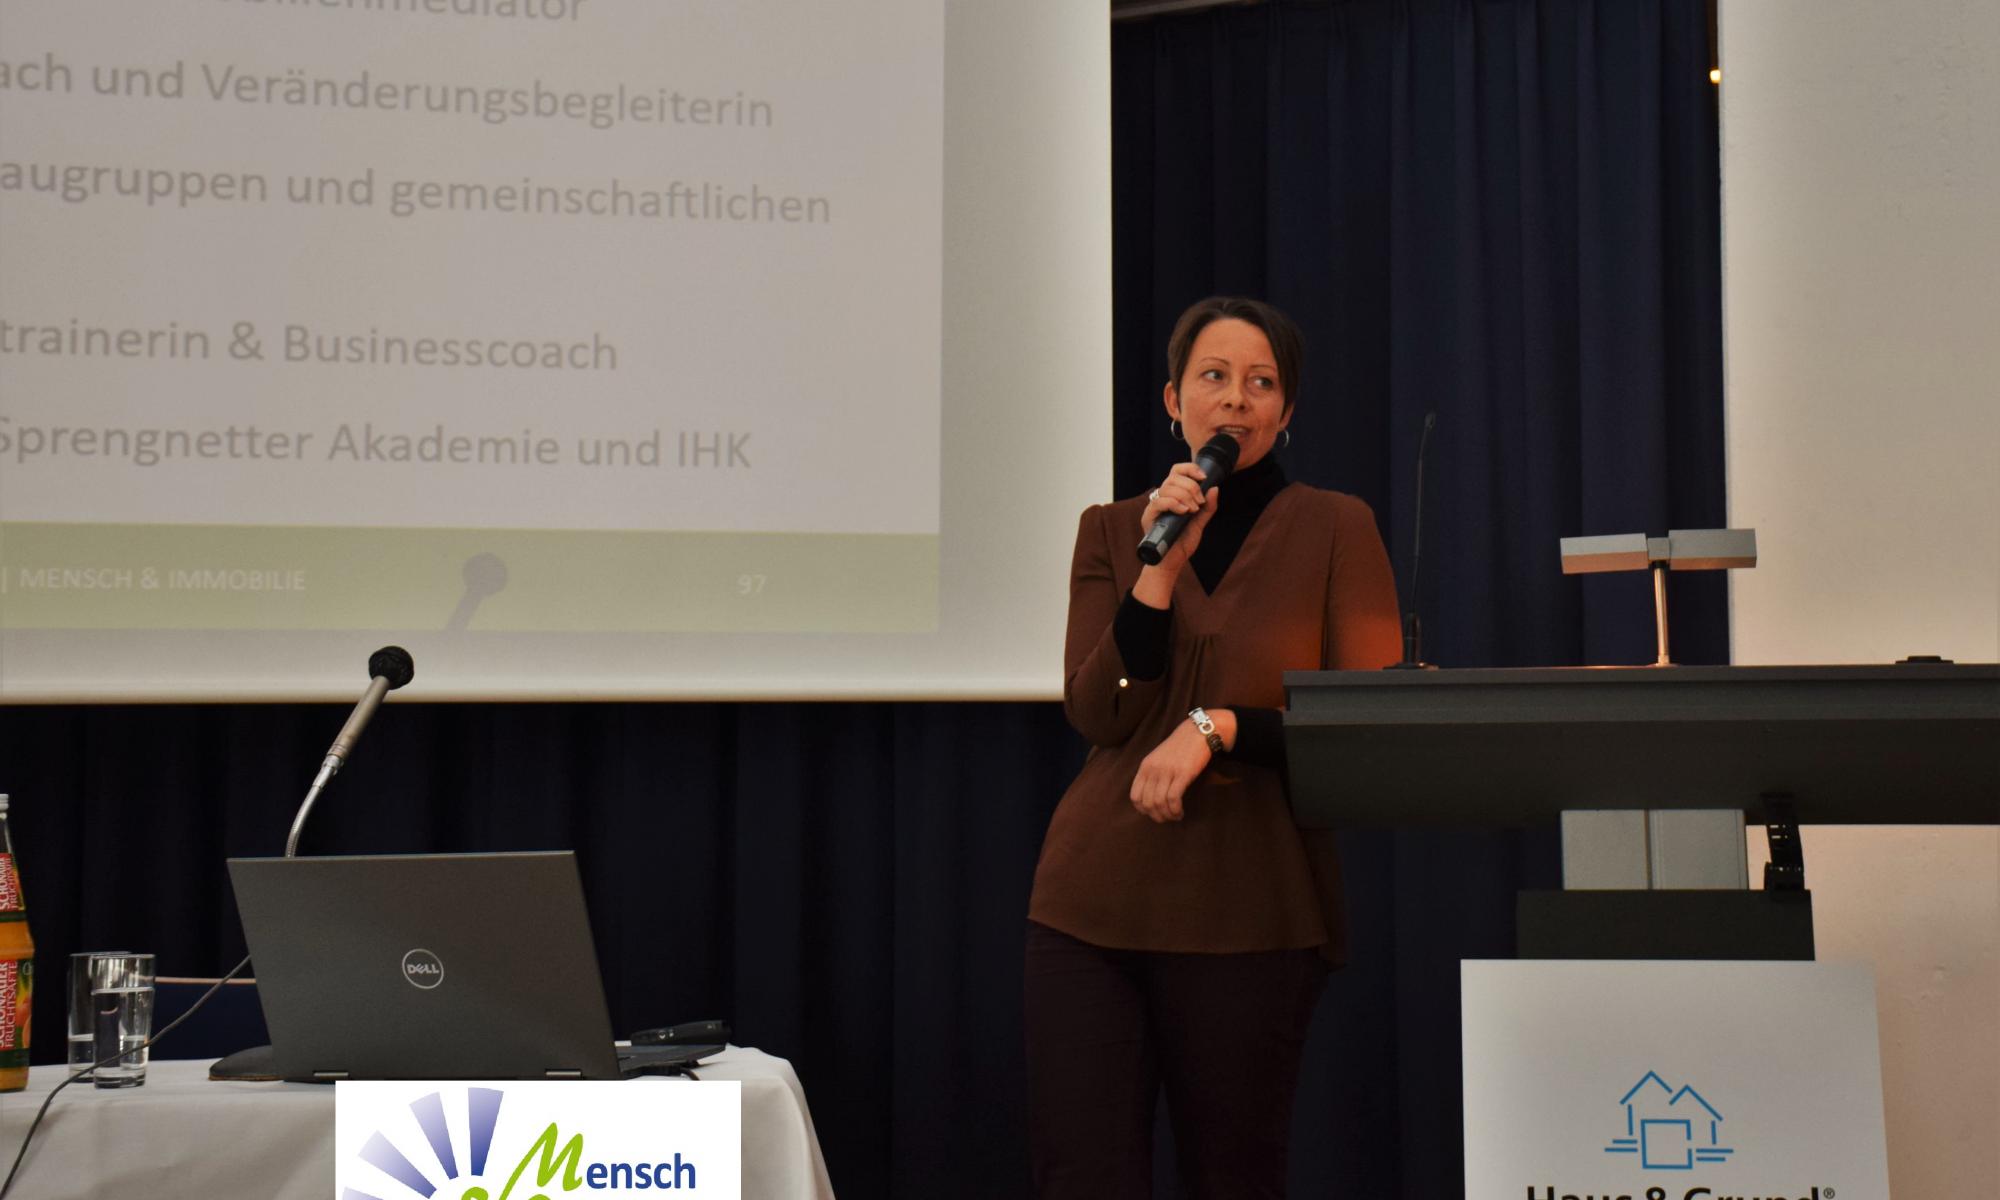 Vortrag über Immobiliencoaching, Haus & Grund Bonn, Mensch & Immobilie